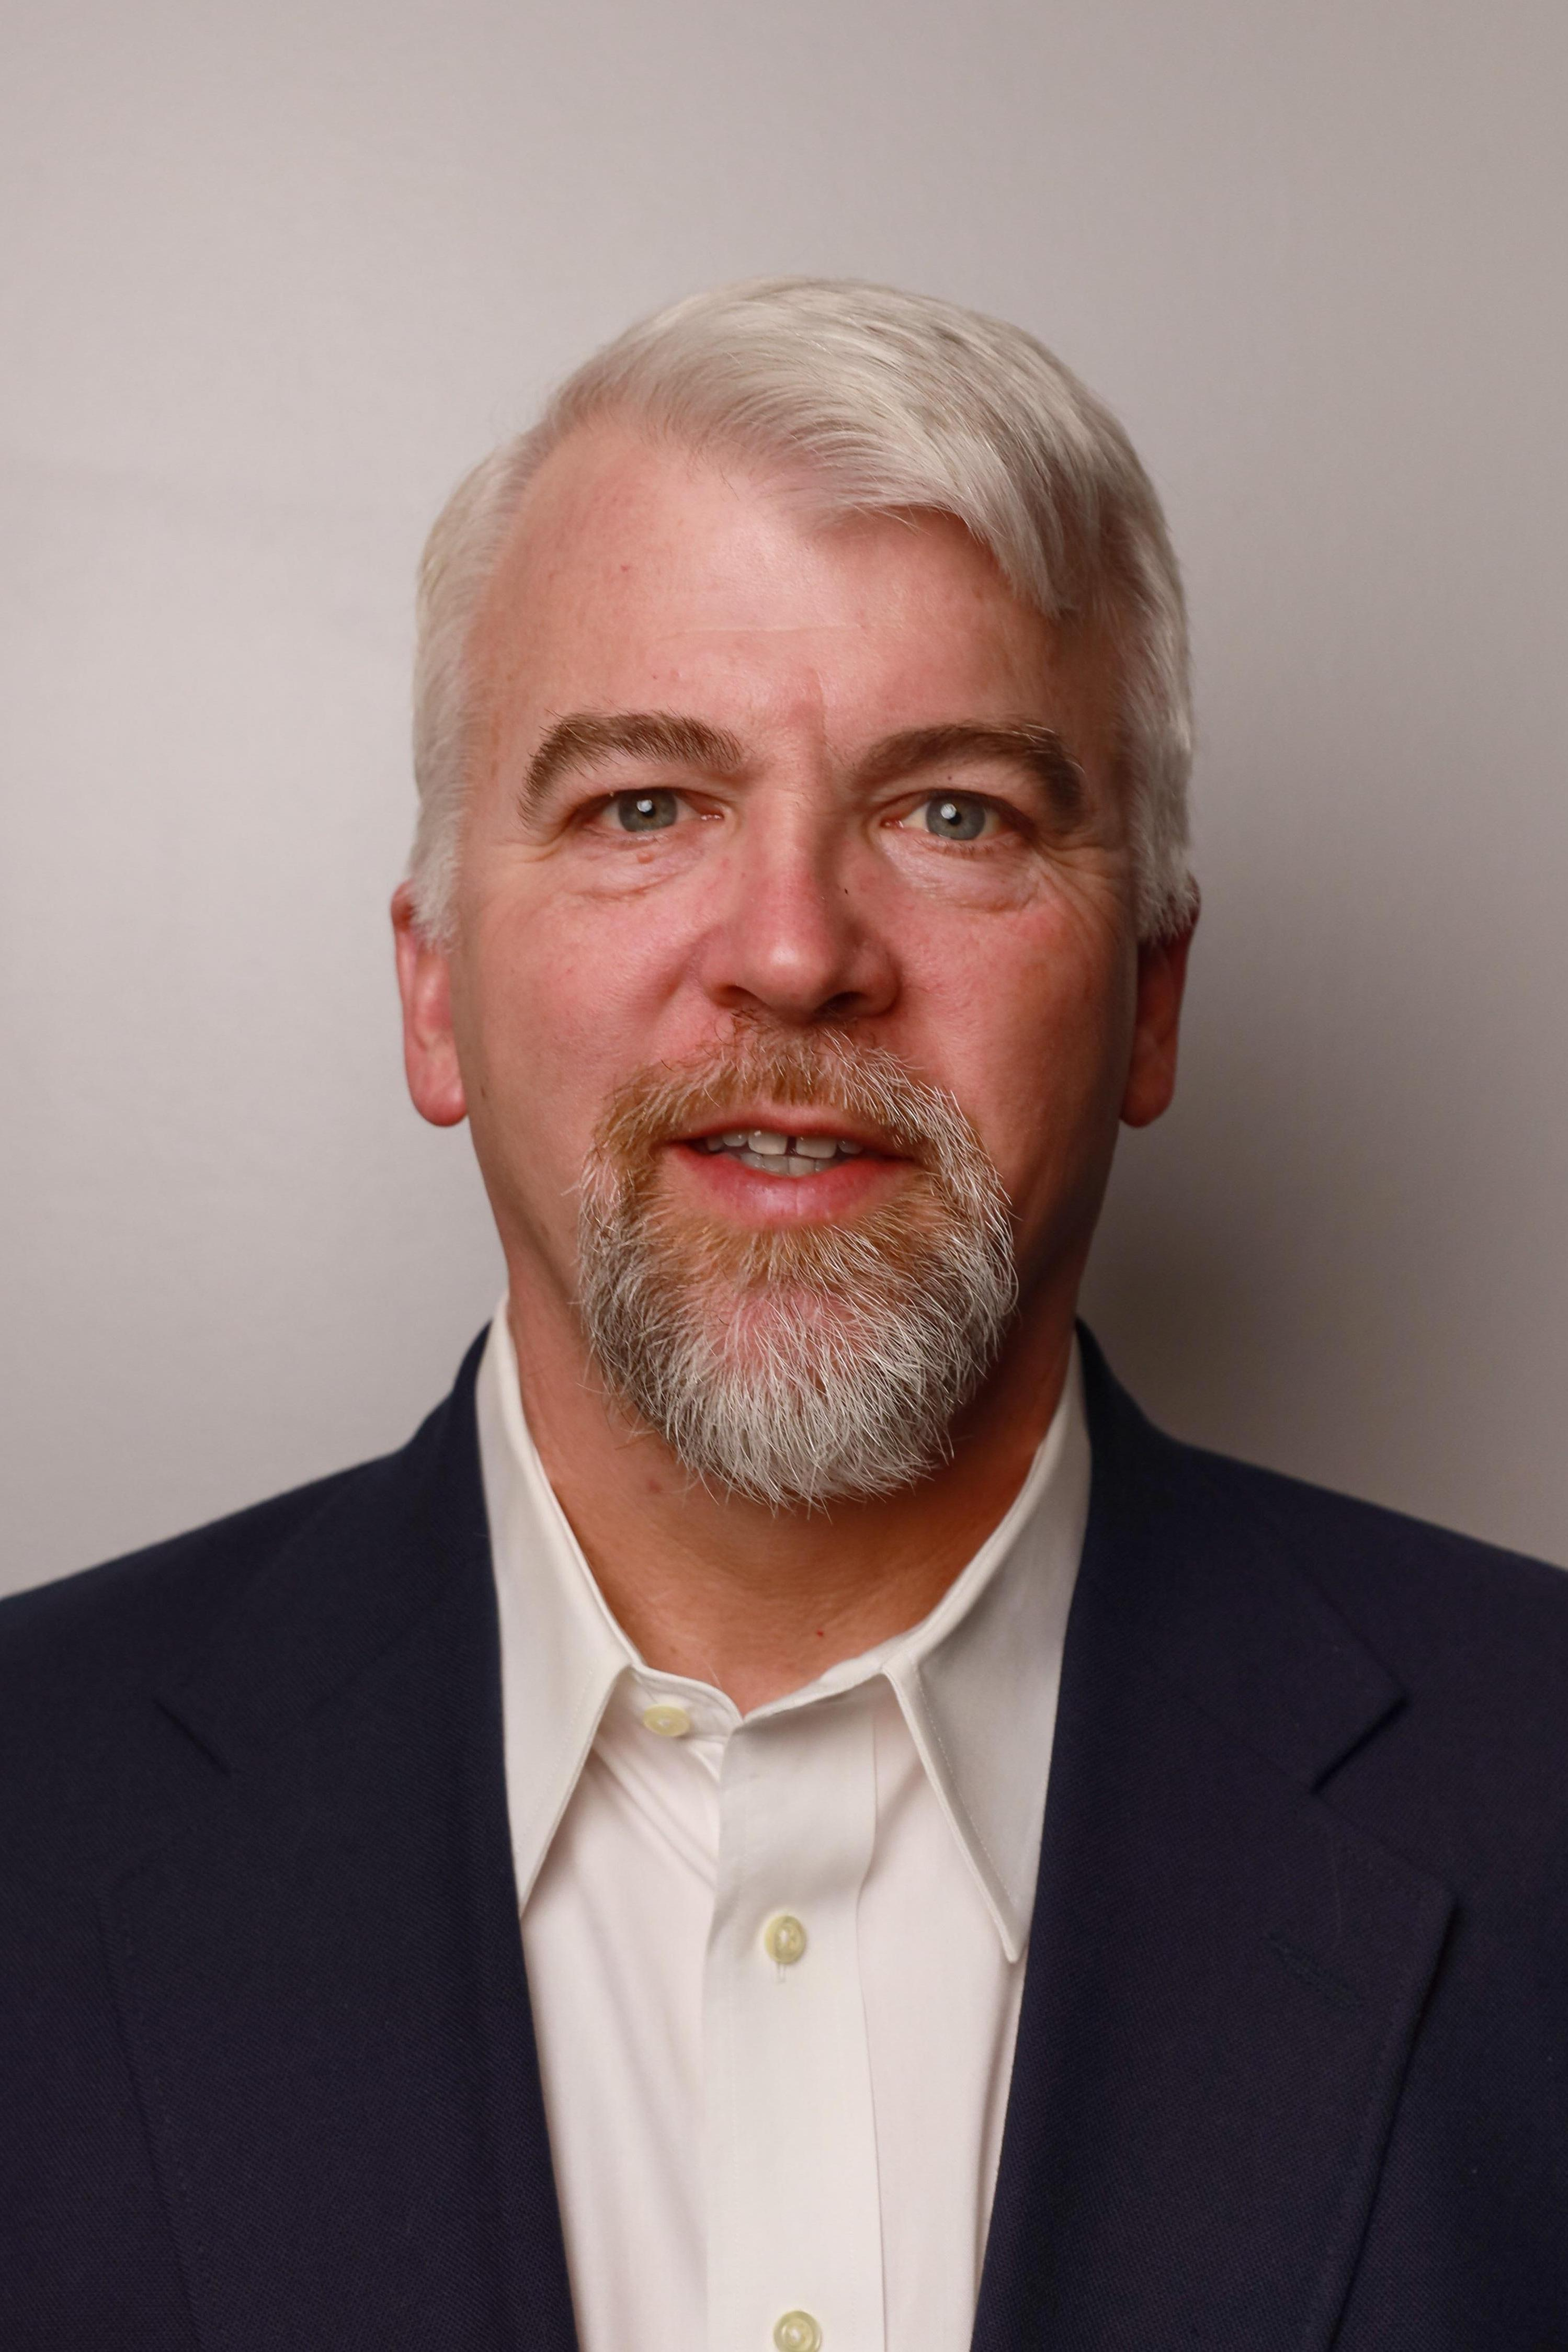 Myron Blosser Portrait Photo